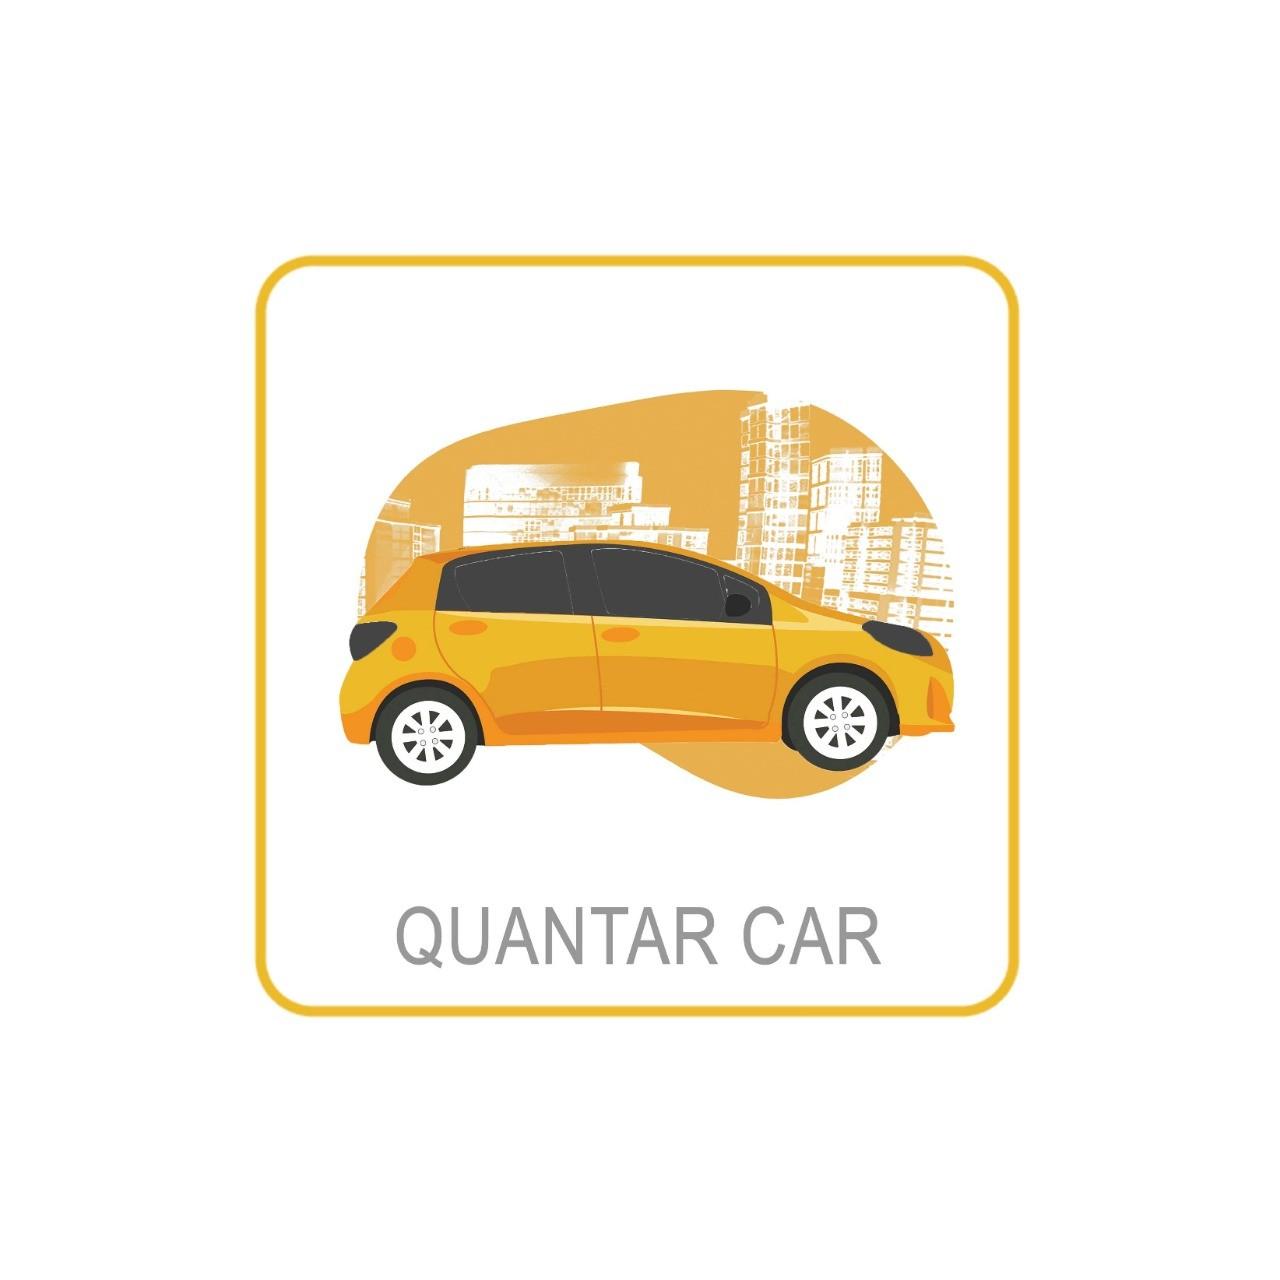 Quantar Car